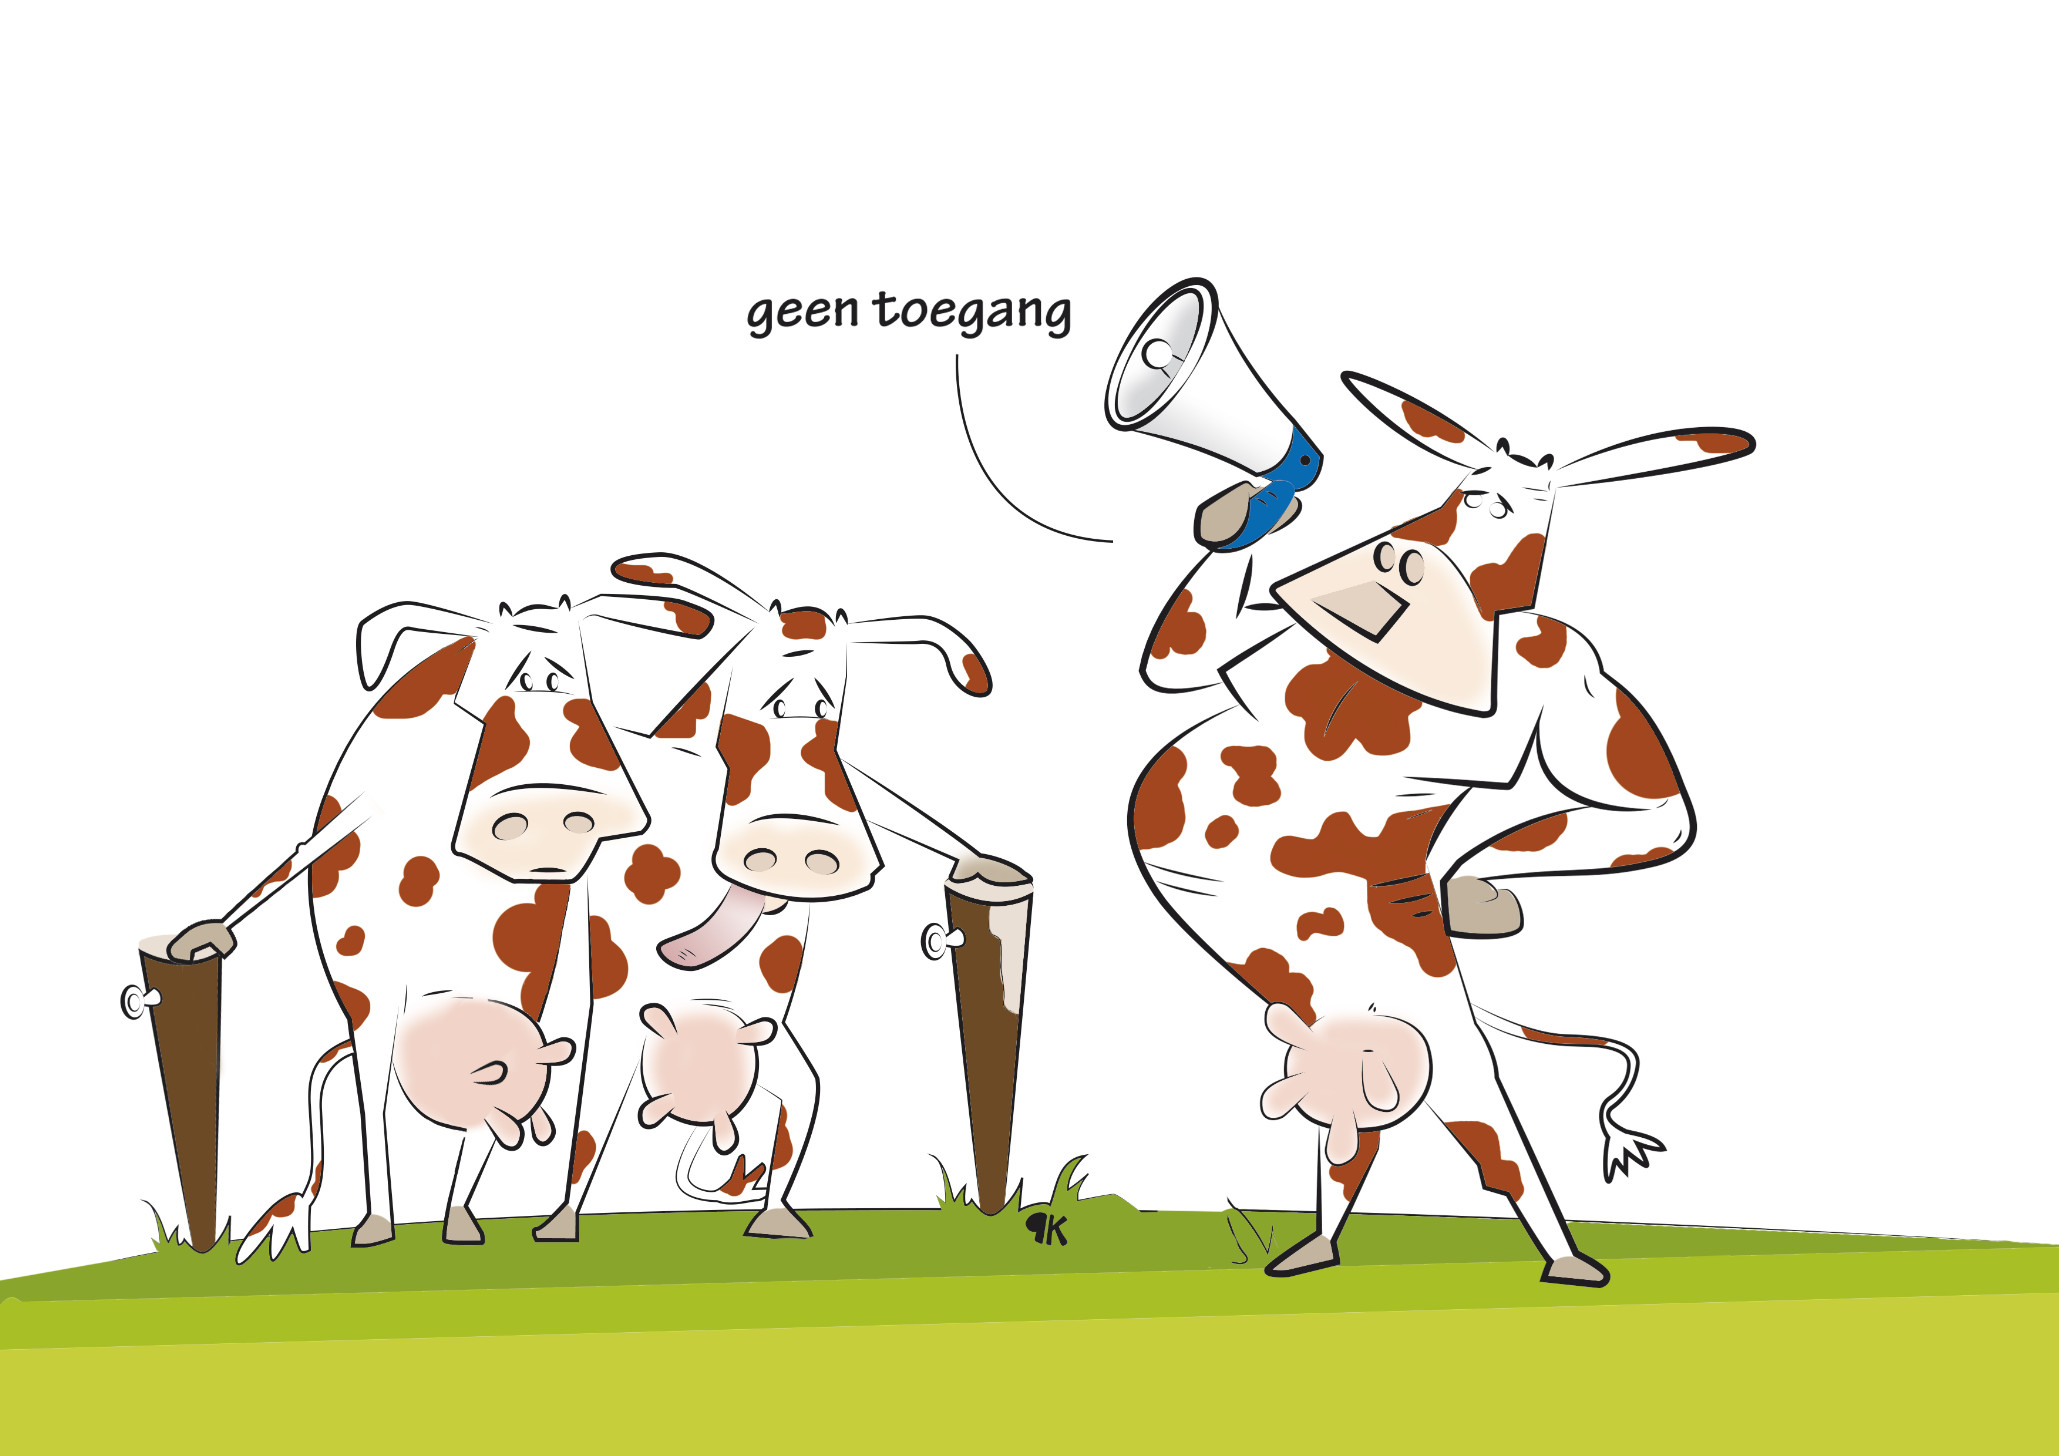 Verbod op slachten koeien na meer dan zes maanden dracht in de maak